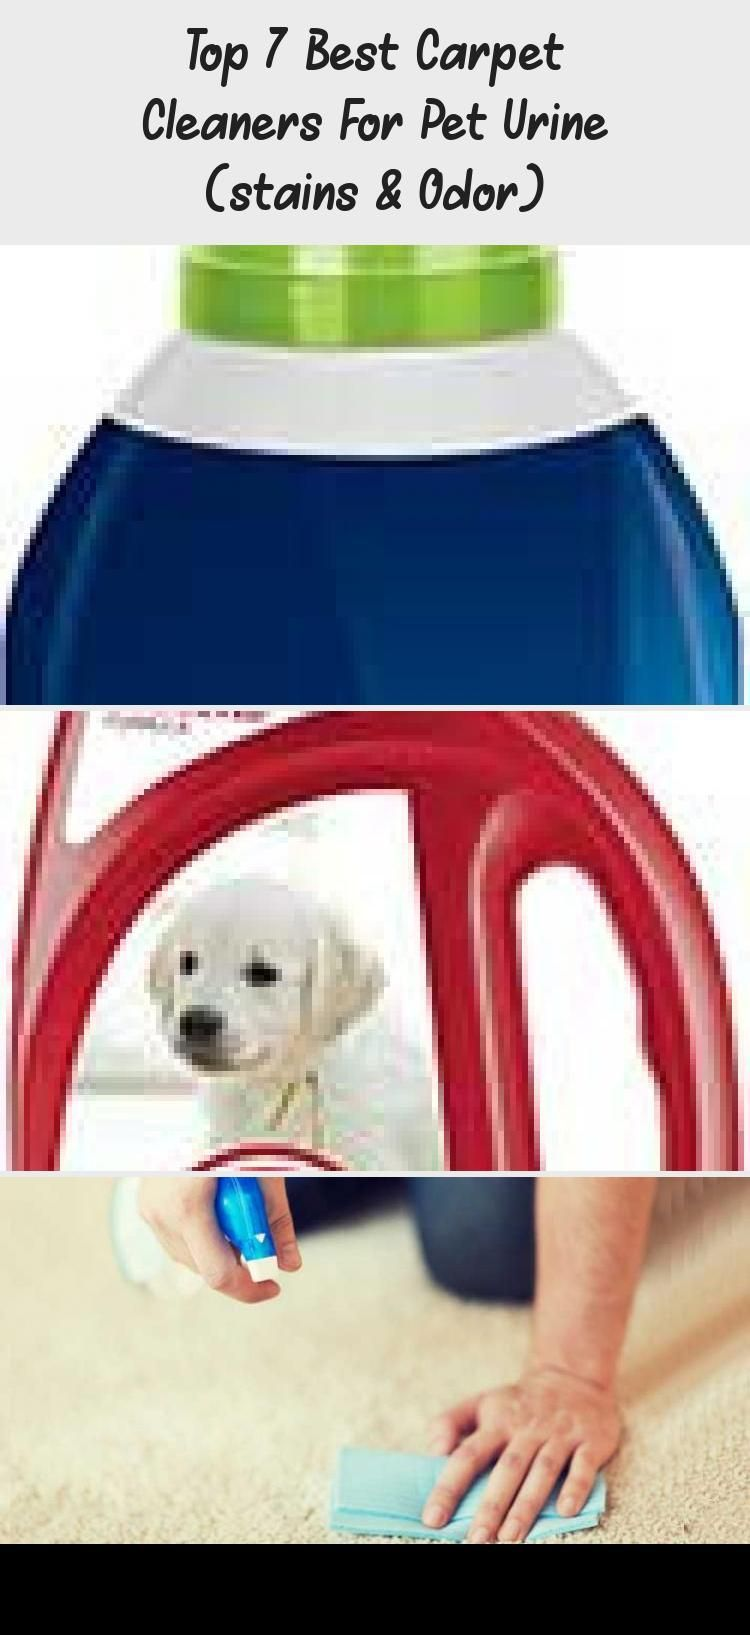 Top 7 Der Besten Teppichreiniger Fur Haustierurin Flecken Geruch Hundeflecken Teppichreiniger In 2020 Pet Urine Carpet Cleaners Urine Stains